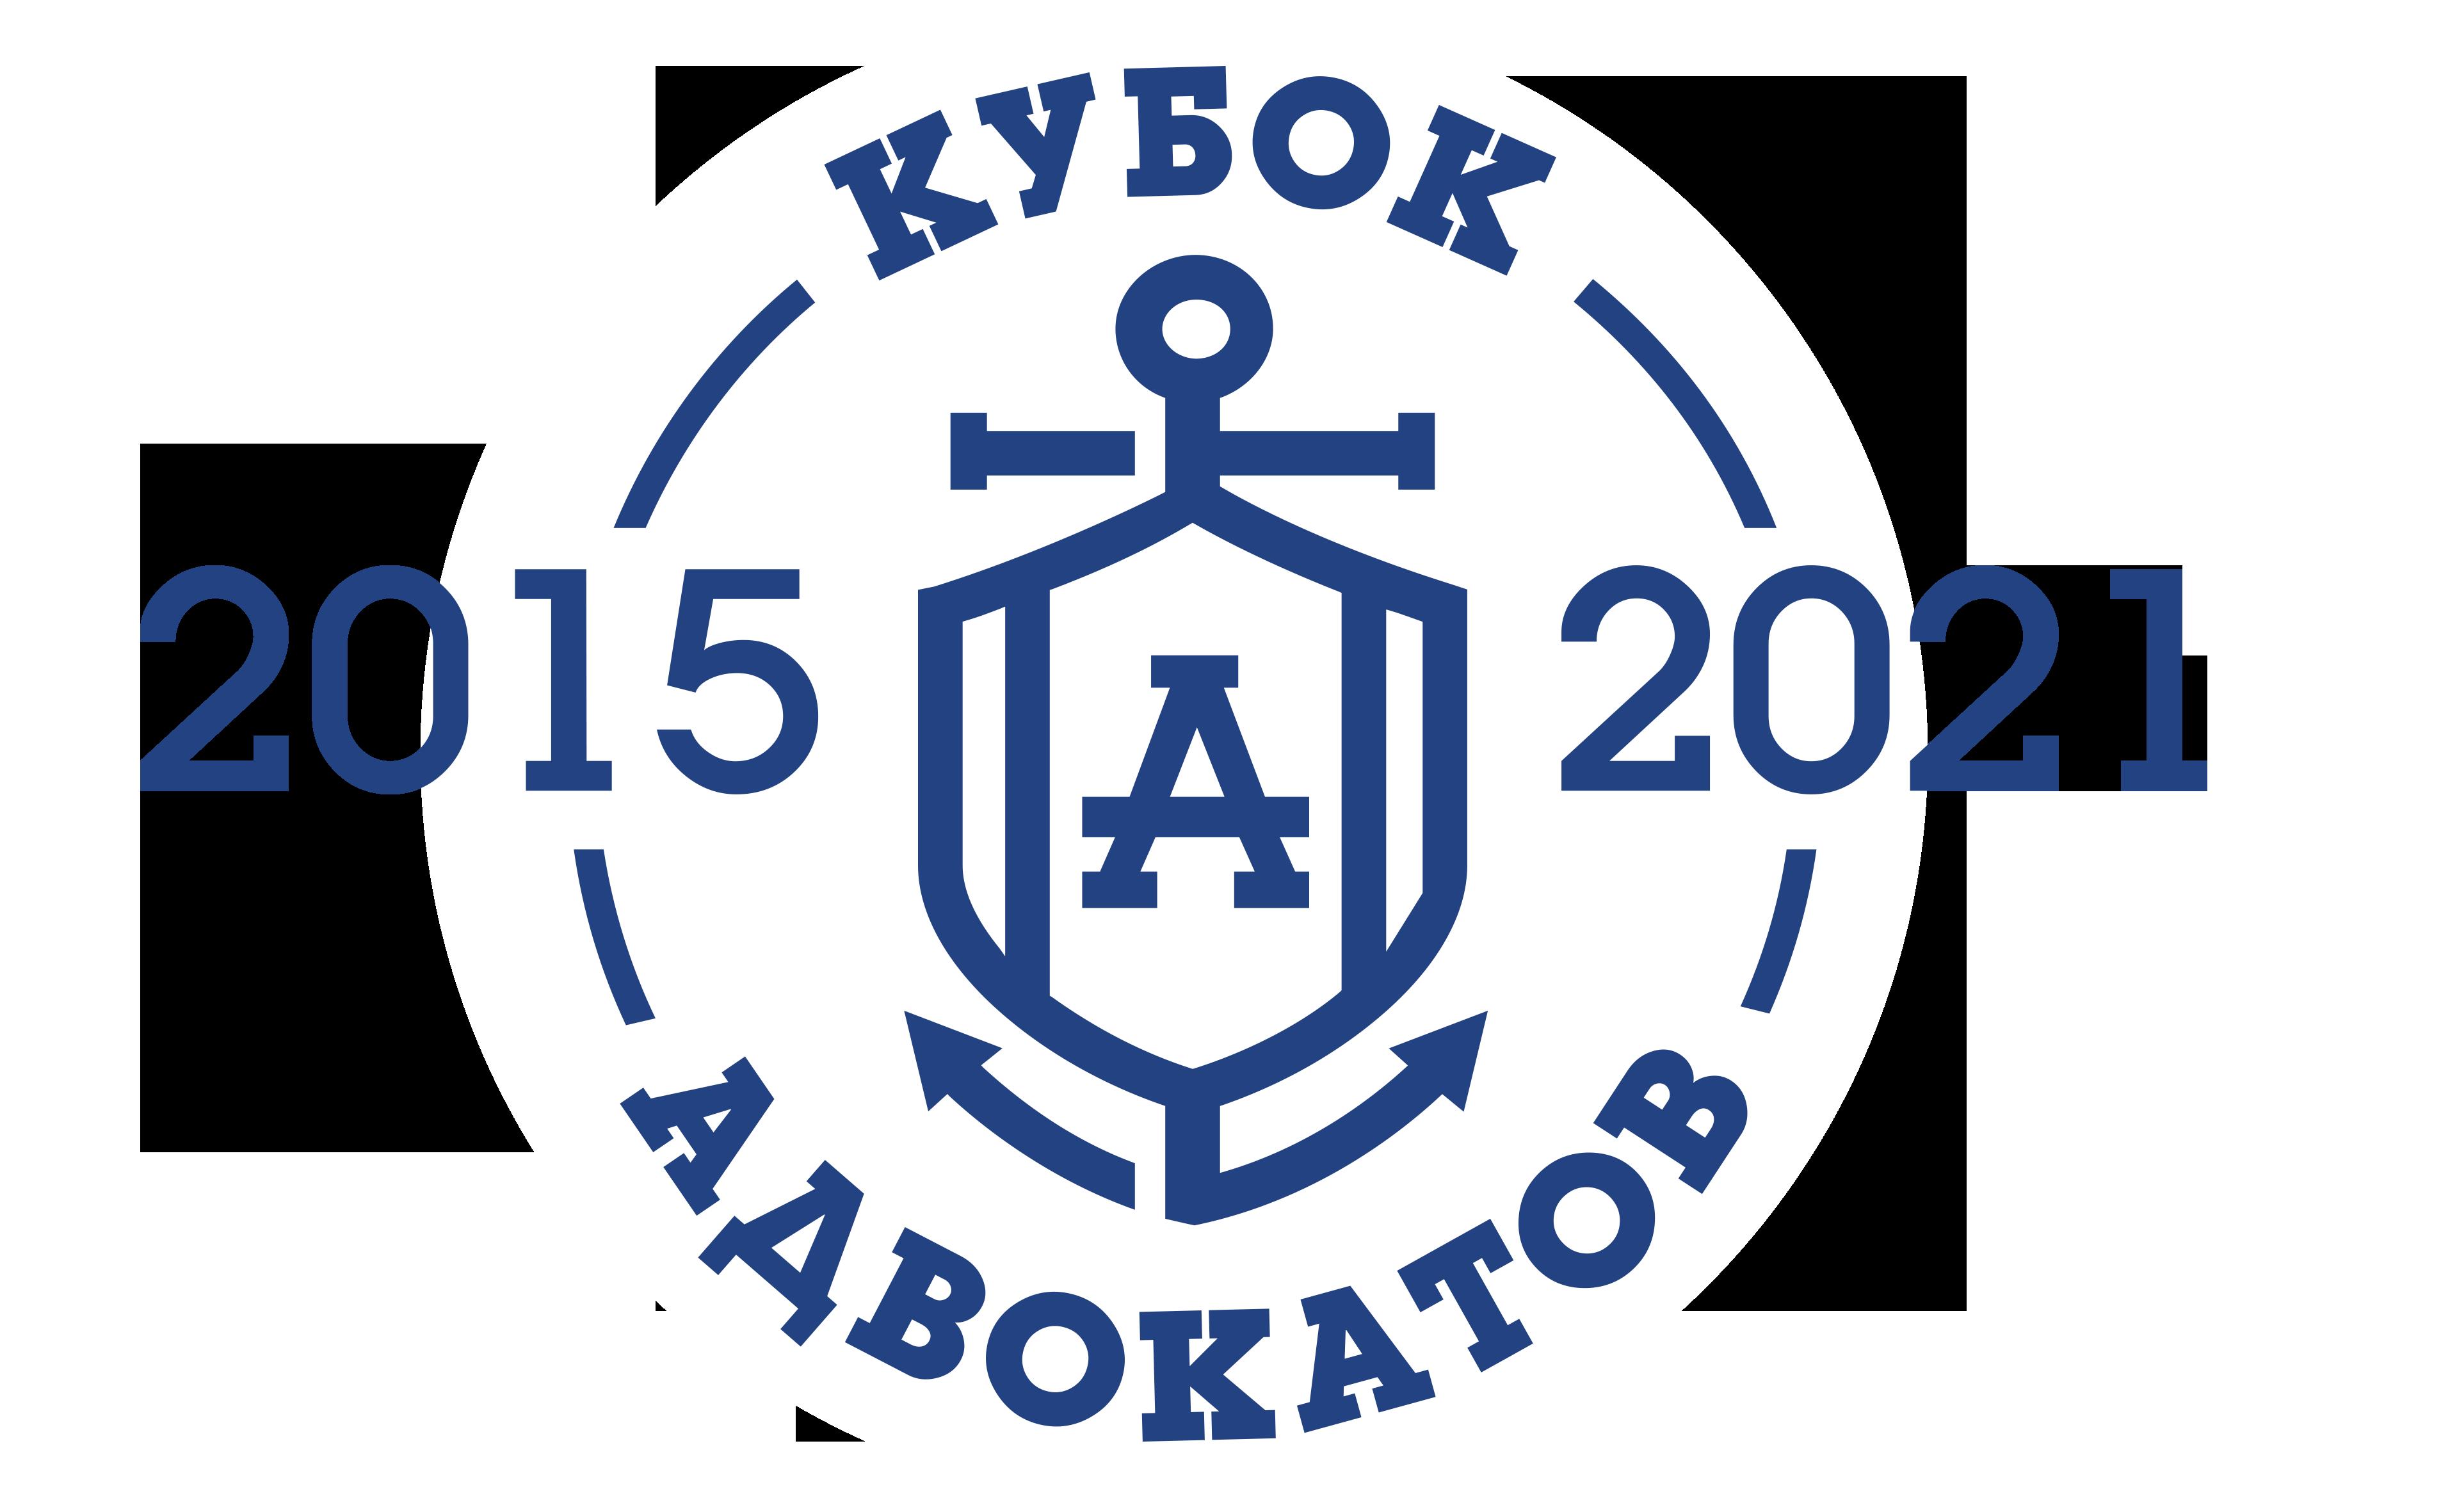 - Кубок Адвокатов 2021